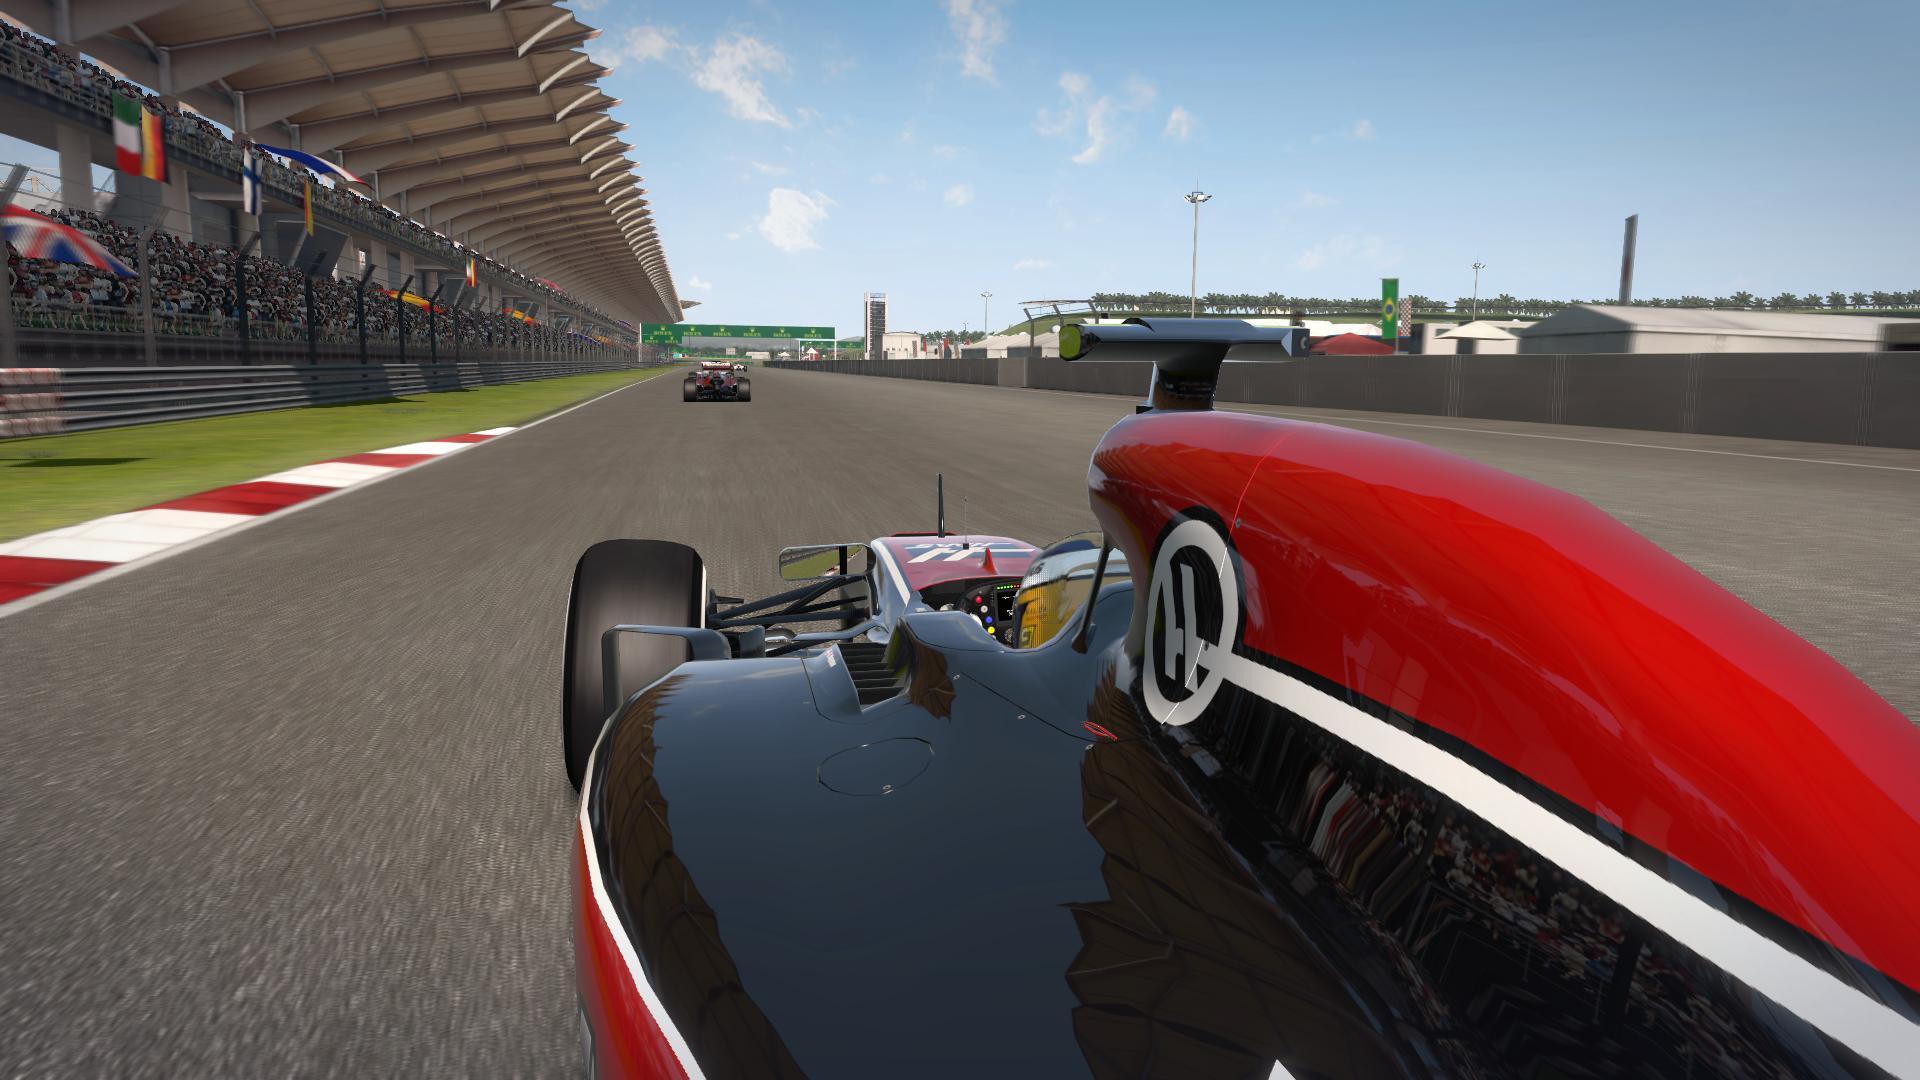 F1_2014 2017-03-26 09-52-11-93.jpg